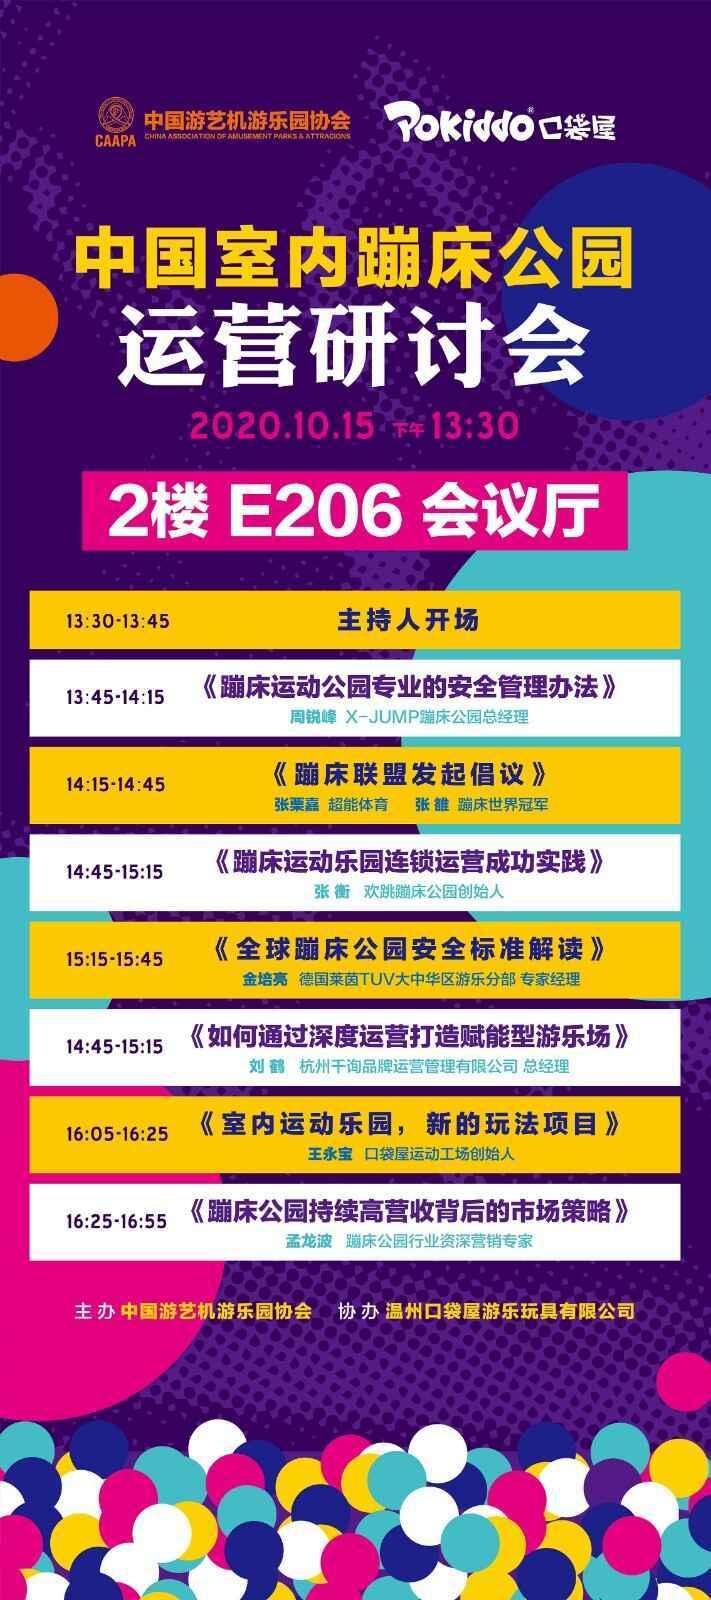 中国室内蹦床公园研讨会会议流程.jpg